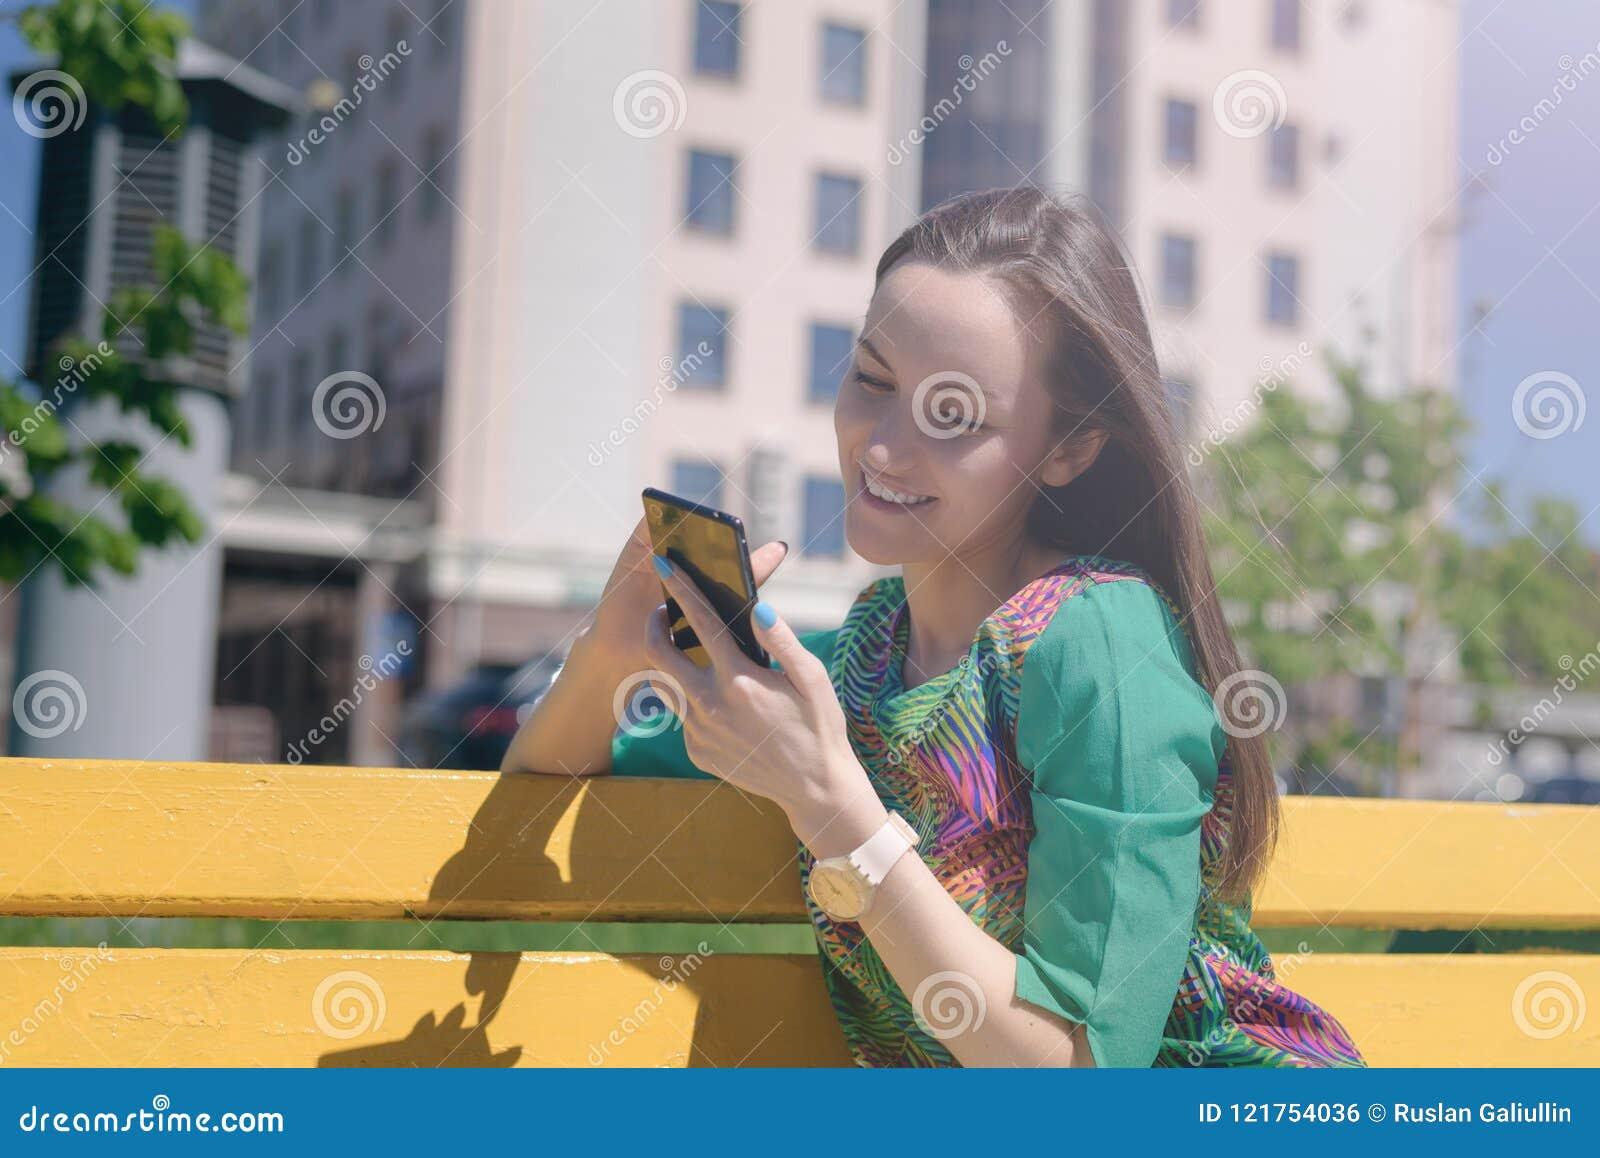 Lächelnde junge Frau, die auf einer gelben Bank und der Anwendung von Smartphone, on-line-Kommunikation, soziale Netzwerke, Korre